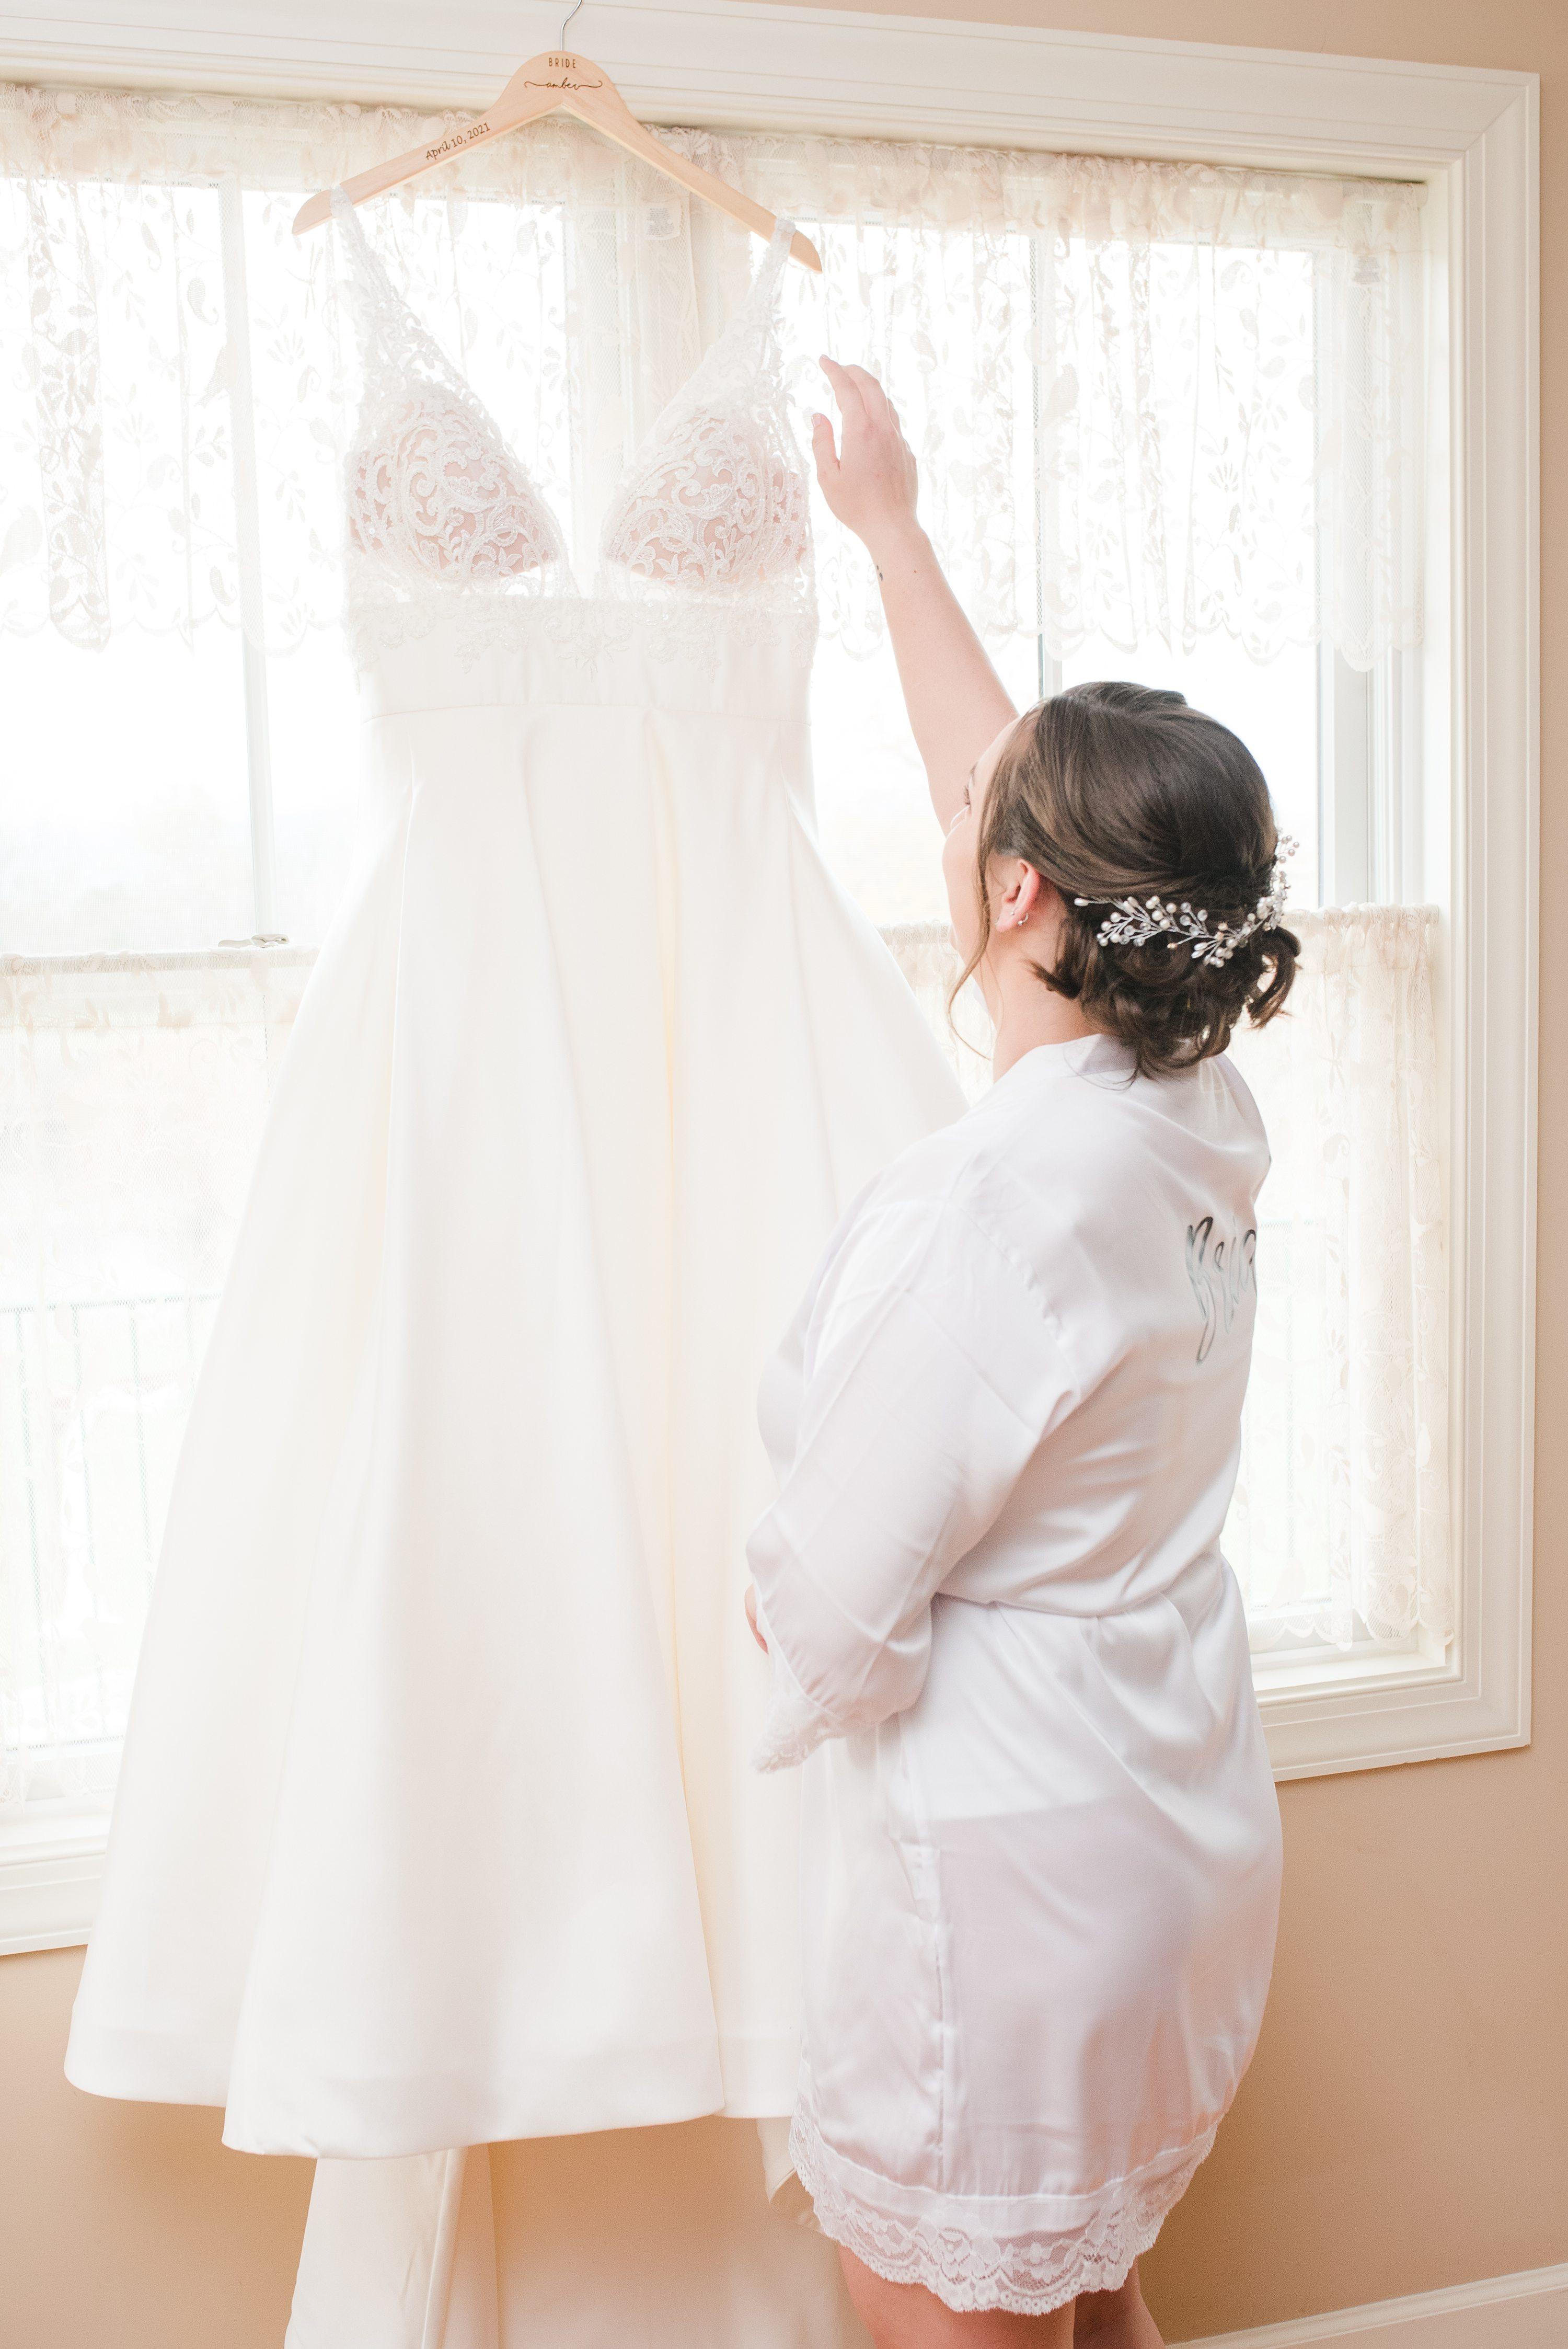 Barn Wedding,Spring Wedding,bride putting on dress,Wedding Dress